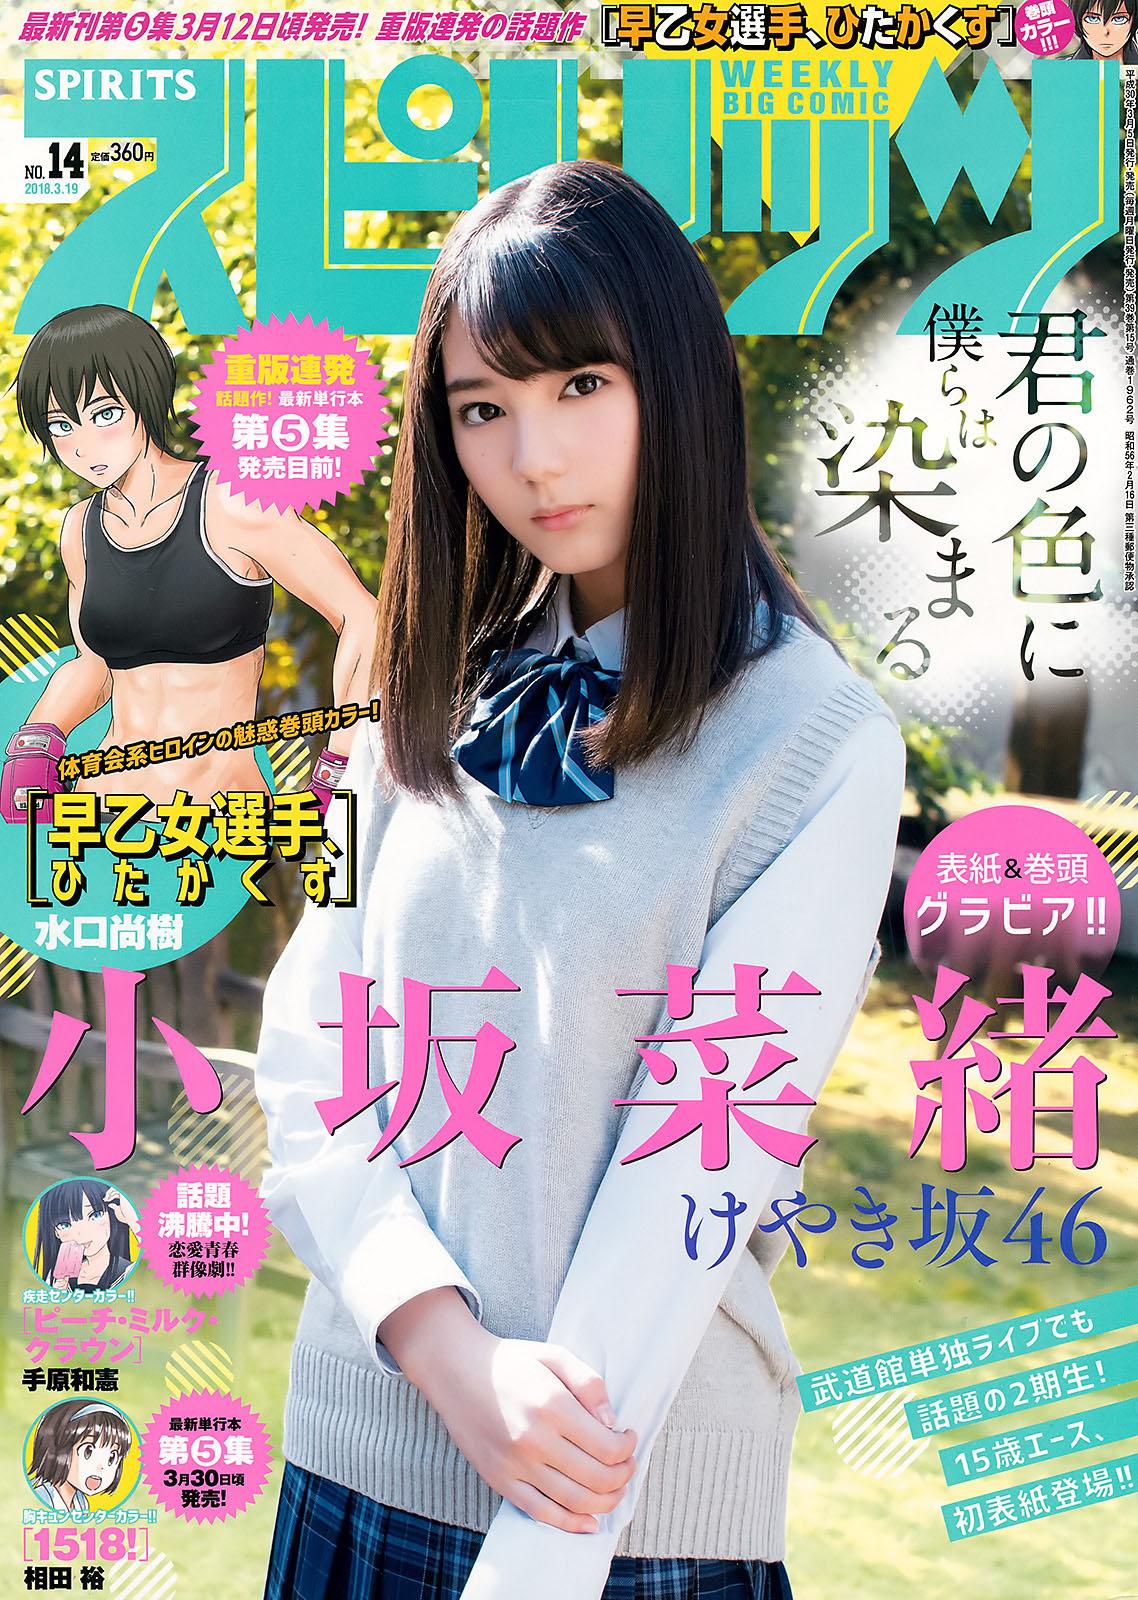 Kosaka Nao 小坂菜緒, Big Comic Spirits 2018 No.14 (週刊スピリッツ 2018年14号)